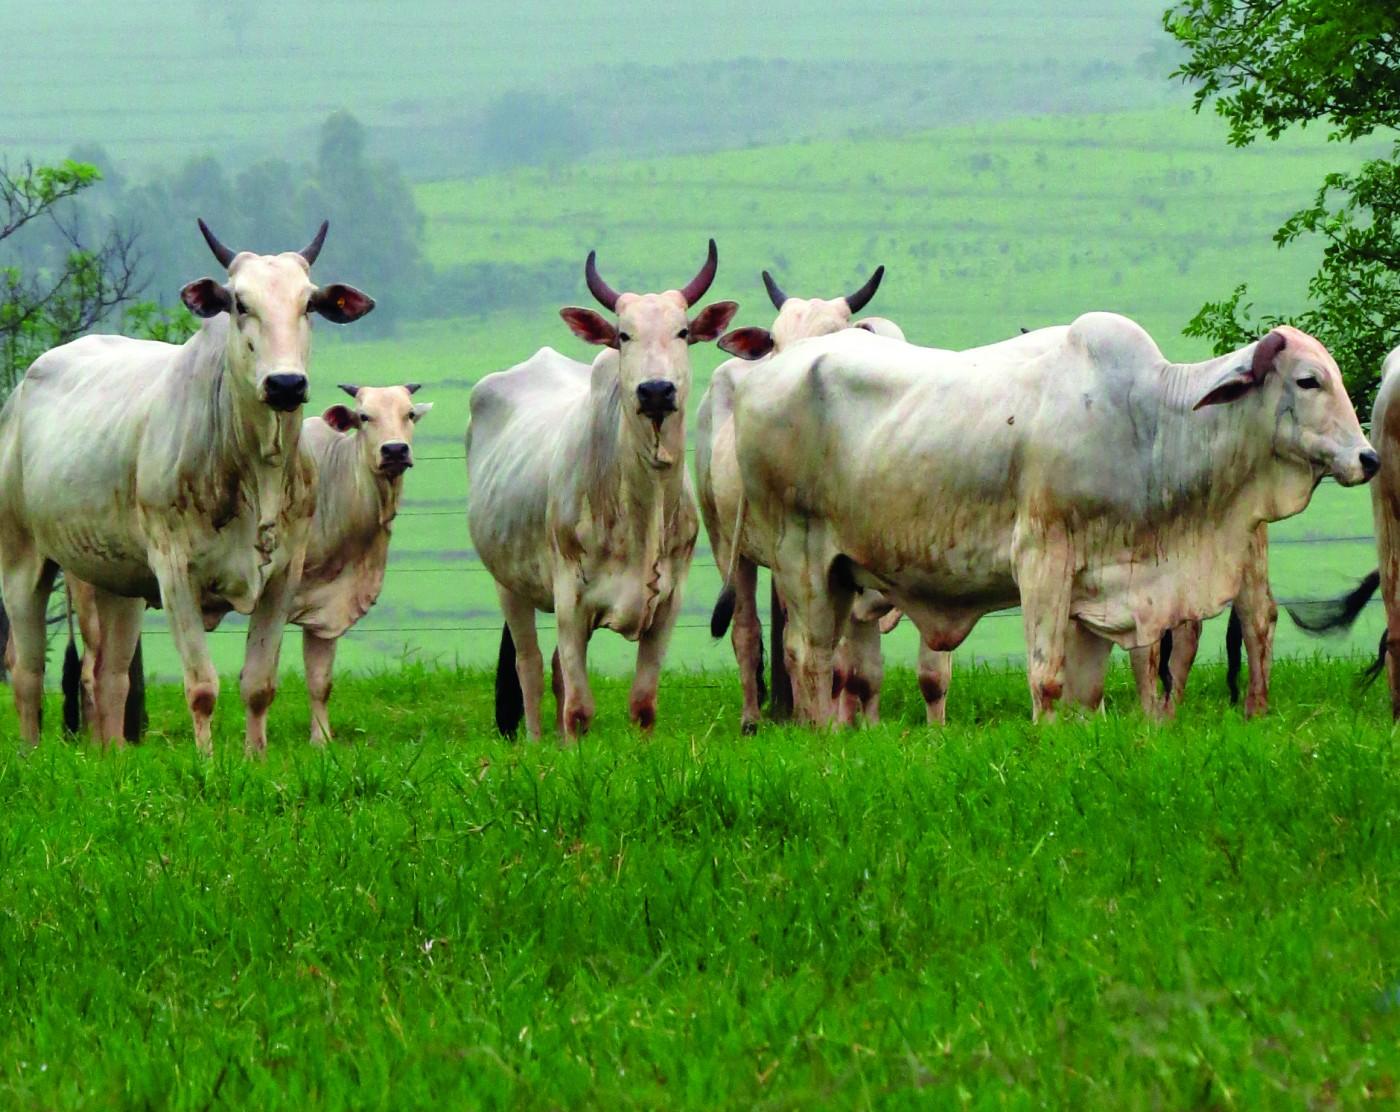 Preços do boi quebram recordes em novembro com oferta escassa – O ...